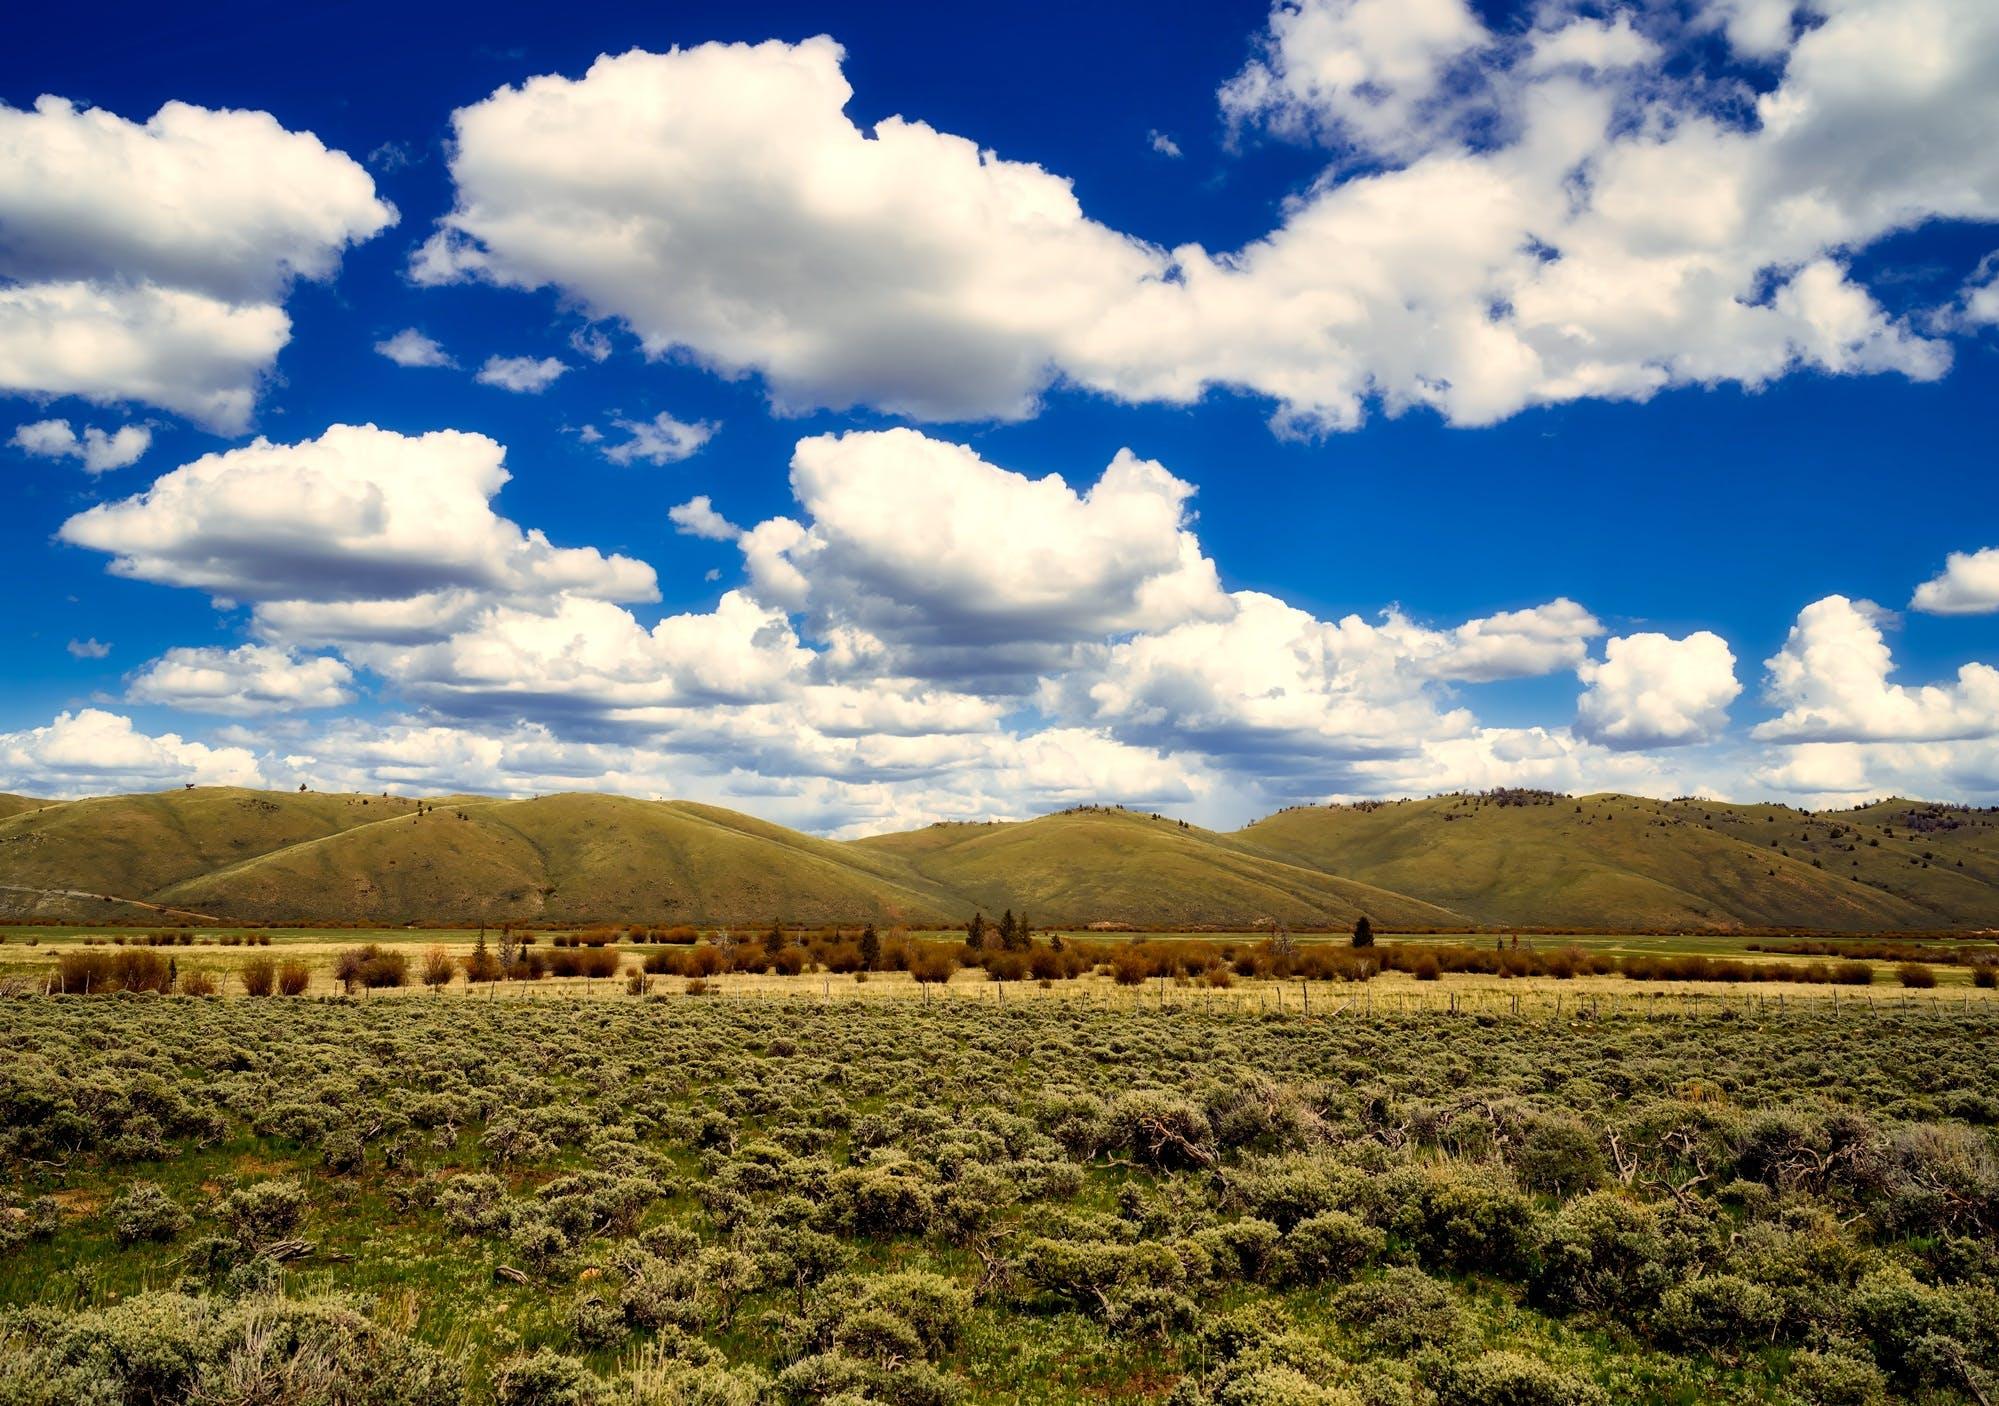 天性, 天空, 工厂, 景觀 的 免费素材照片